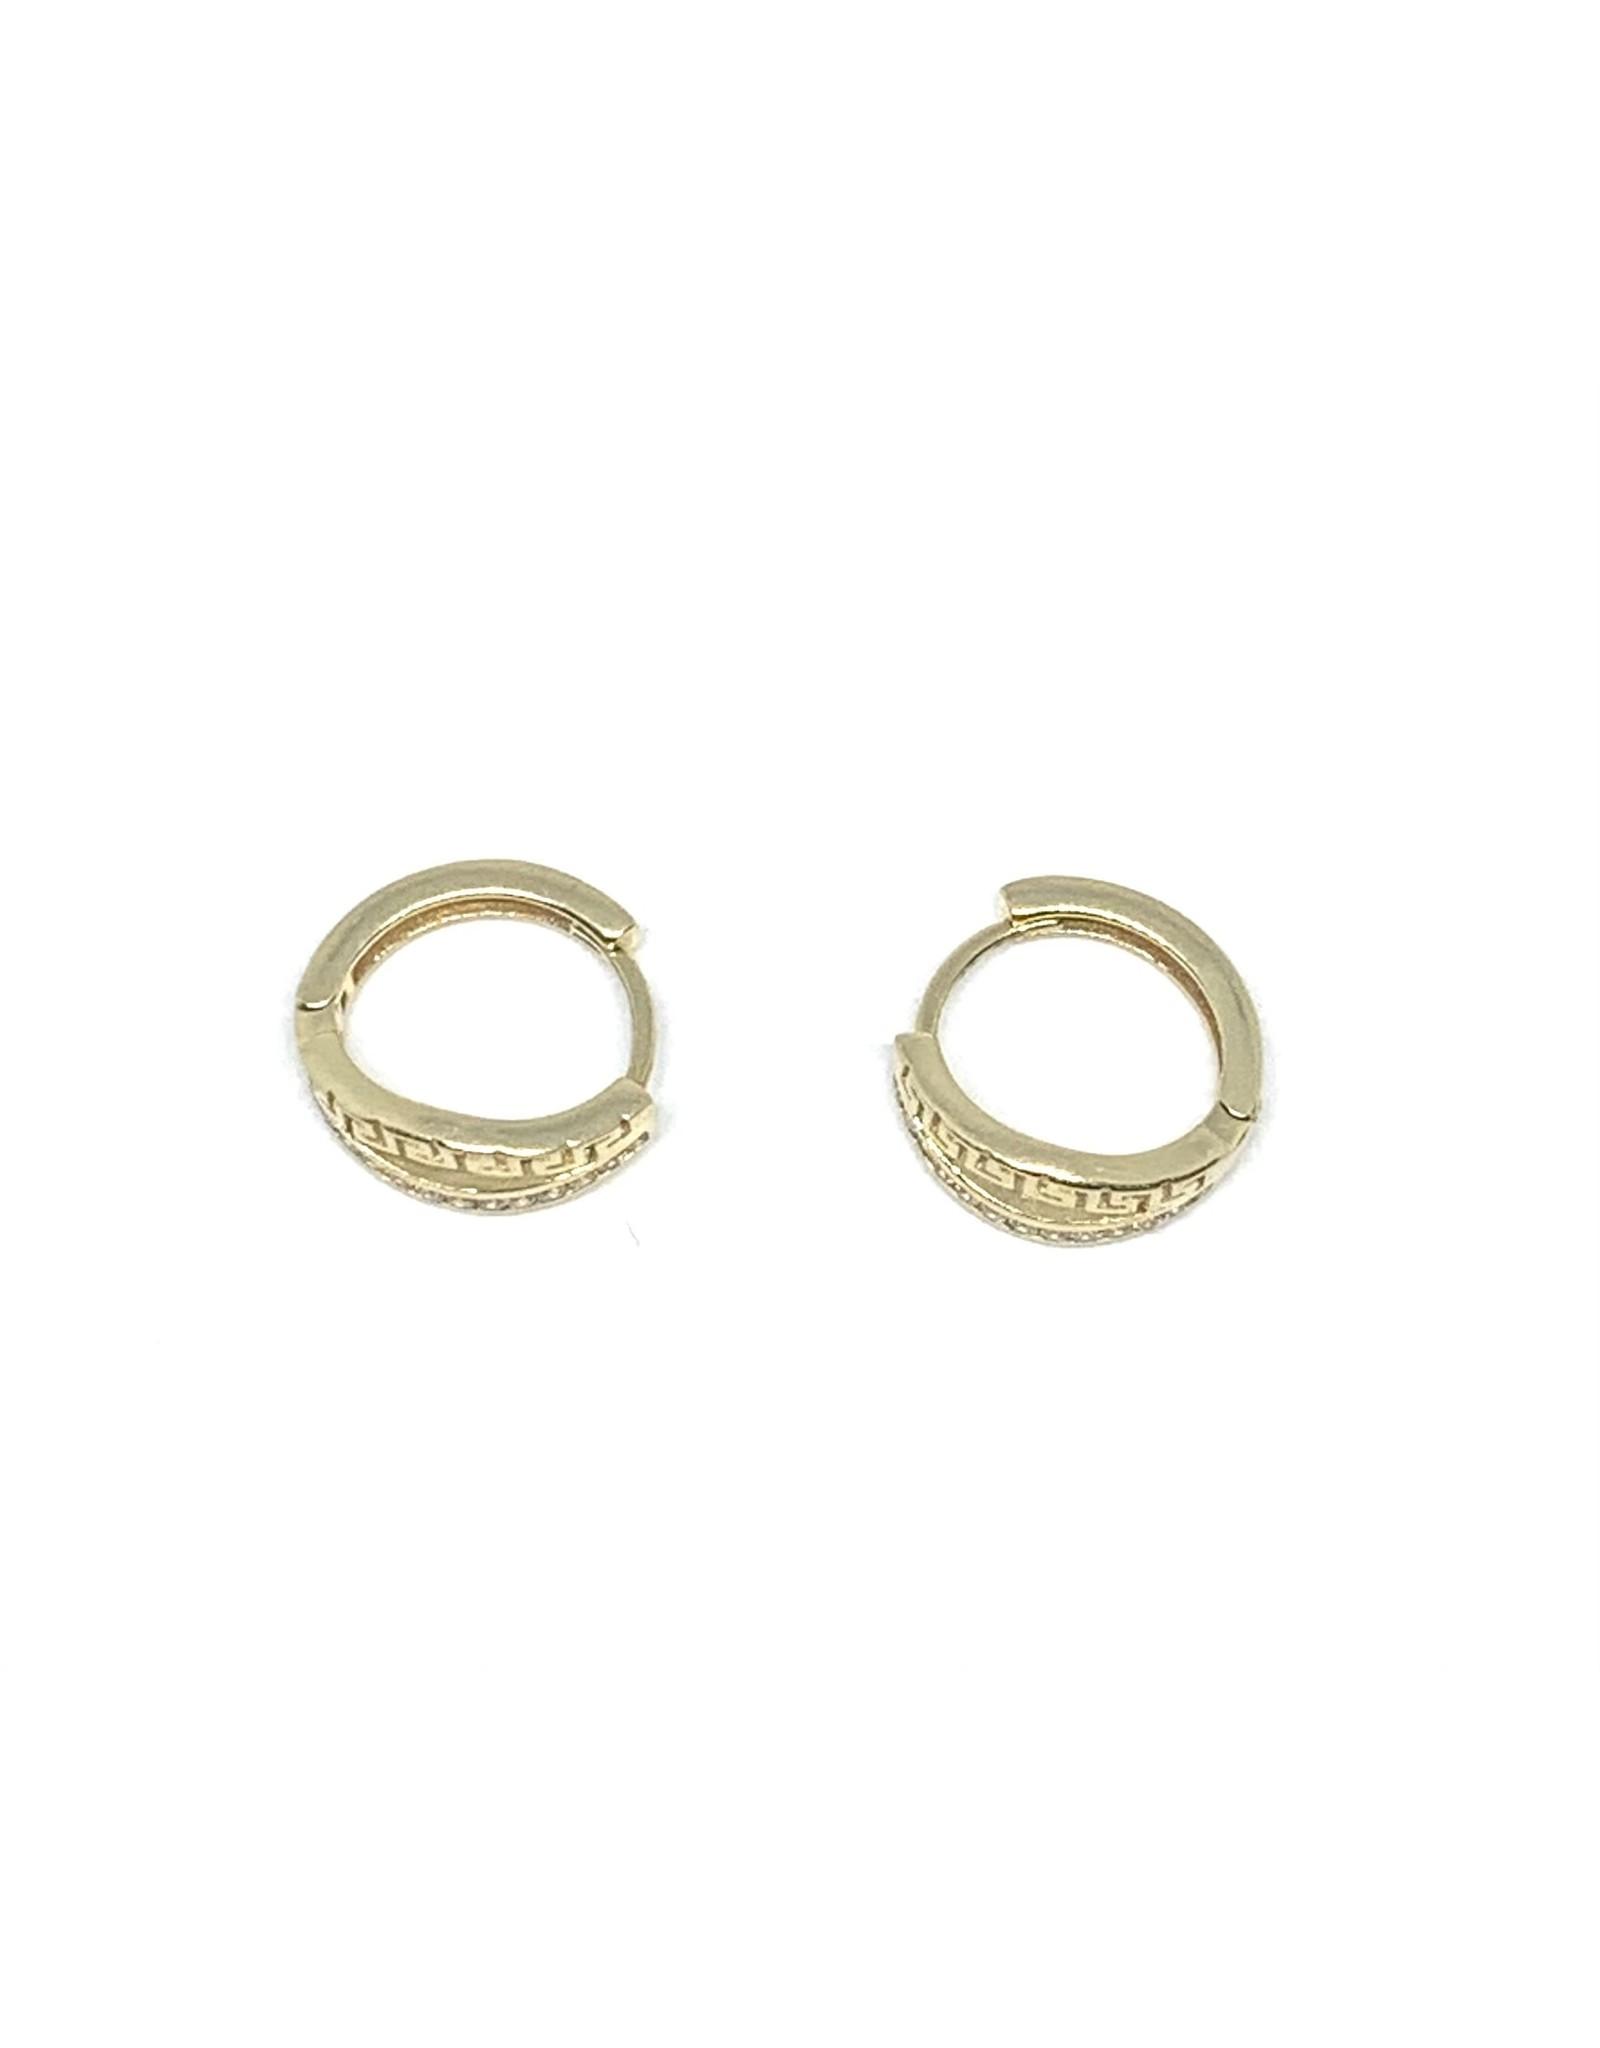 PARÉ Boucles d'oreilles Huggies Versace Or 10K avec Cubique zirconium